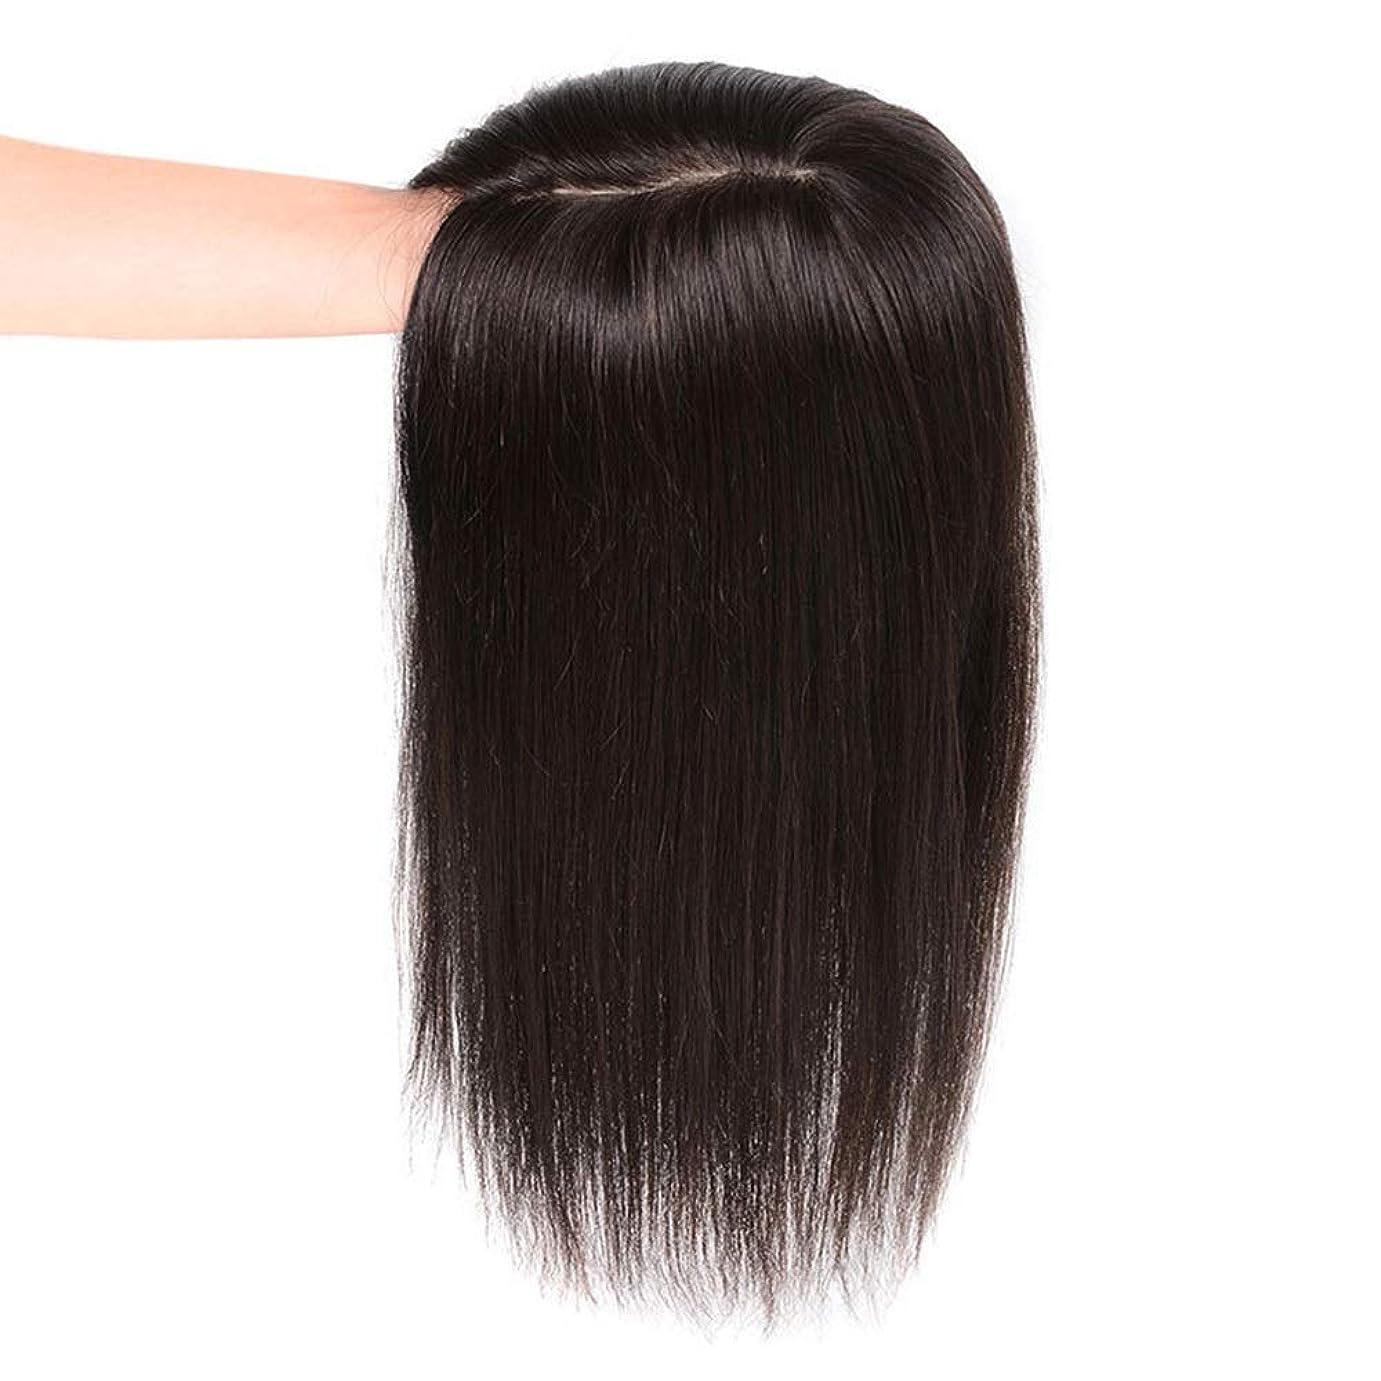 討論罪悪感実装するYESONEEP 女性のための3Dハンドニードルリアルヘアウィッグナチュラルヘアエクステンションホワイトヘアパーティーウィッグ (色 : Natural black, サイズ : [7x10]35cm)